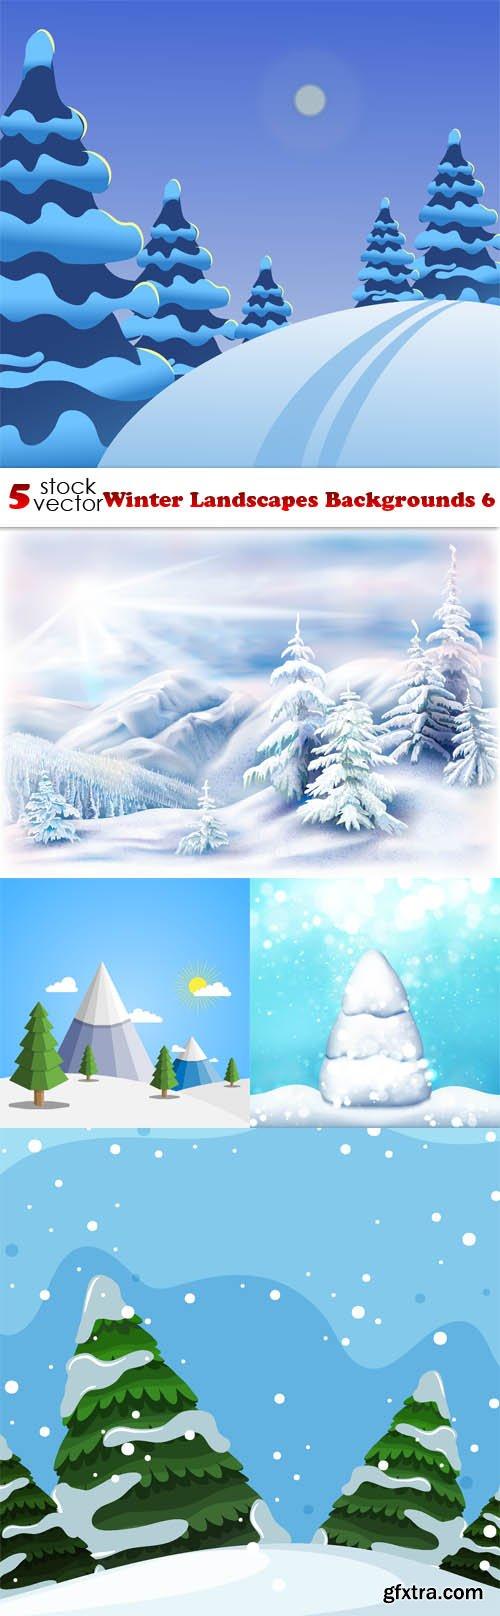 Vectors - Winter Landscapes Backgrounds 6